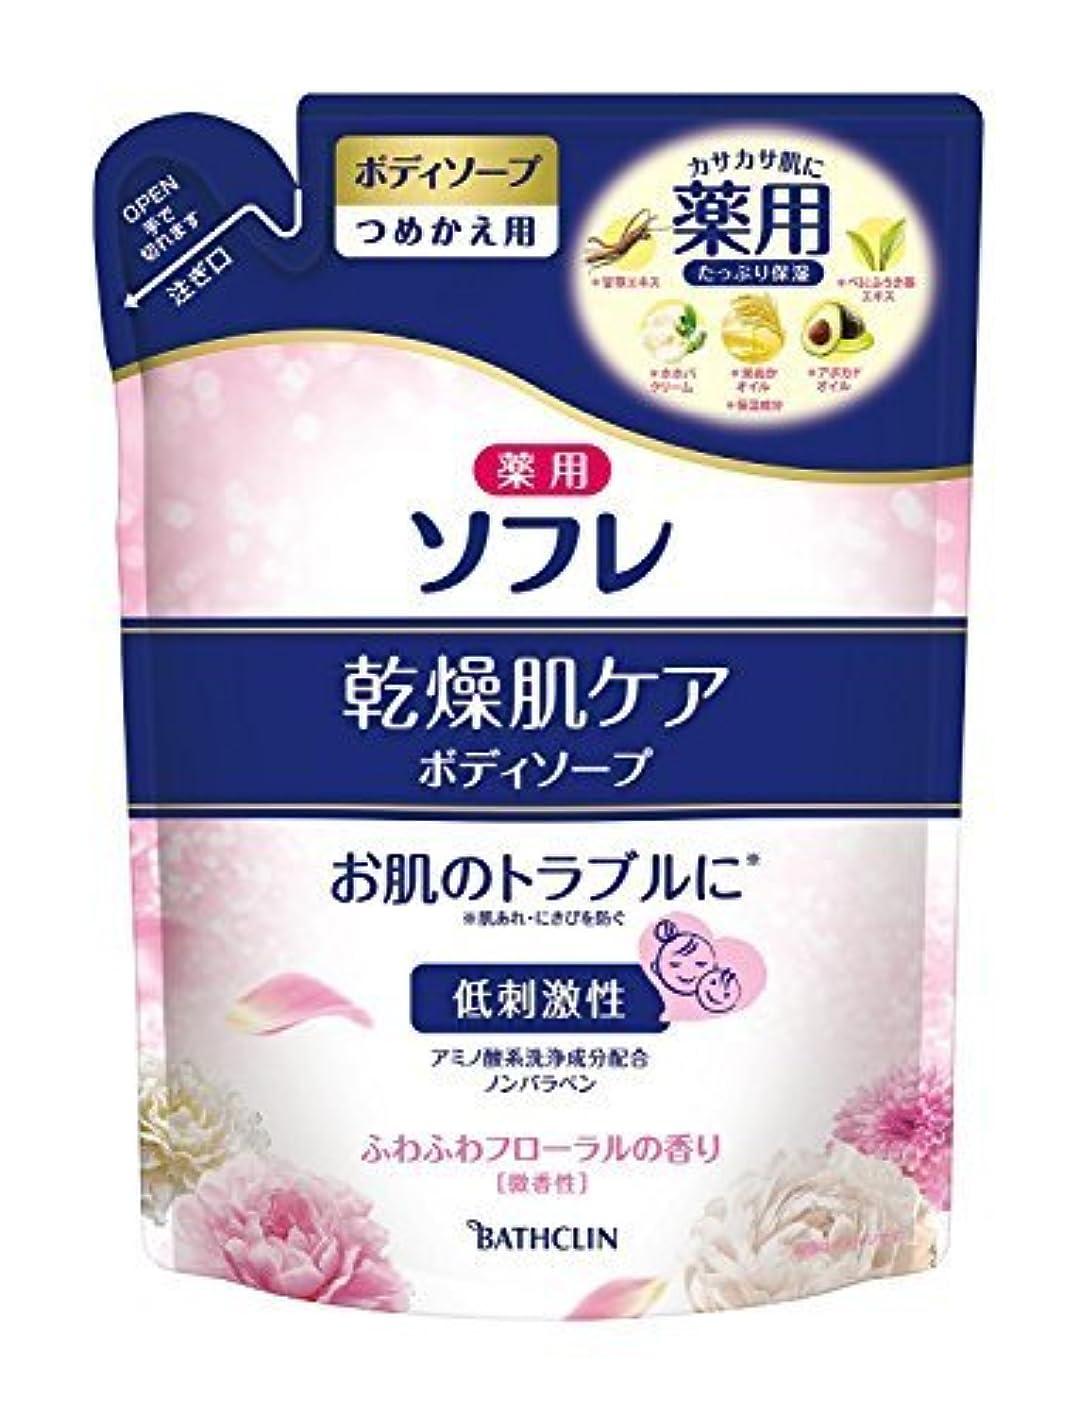 隣人責めクランシー薬用ソフレ 乾燥肌ケアボディ詰替 × 10個セット